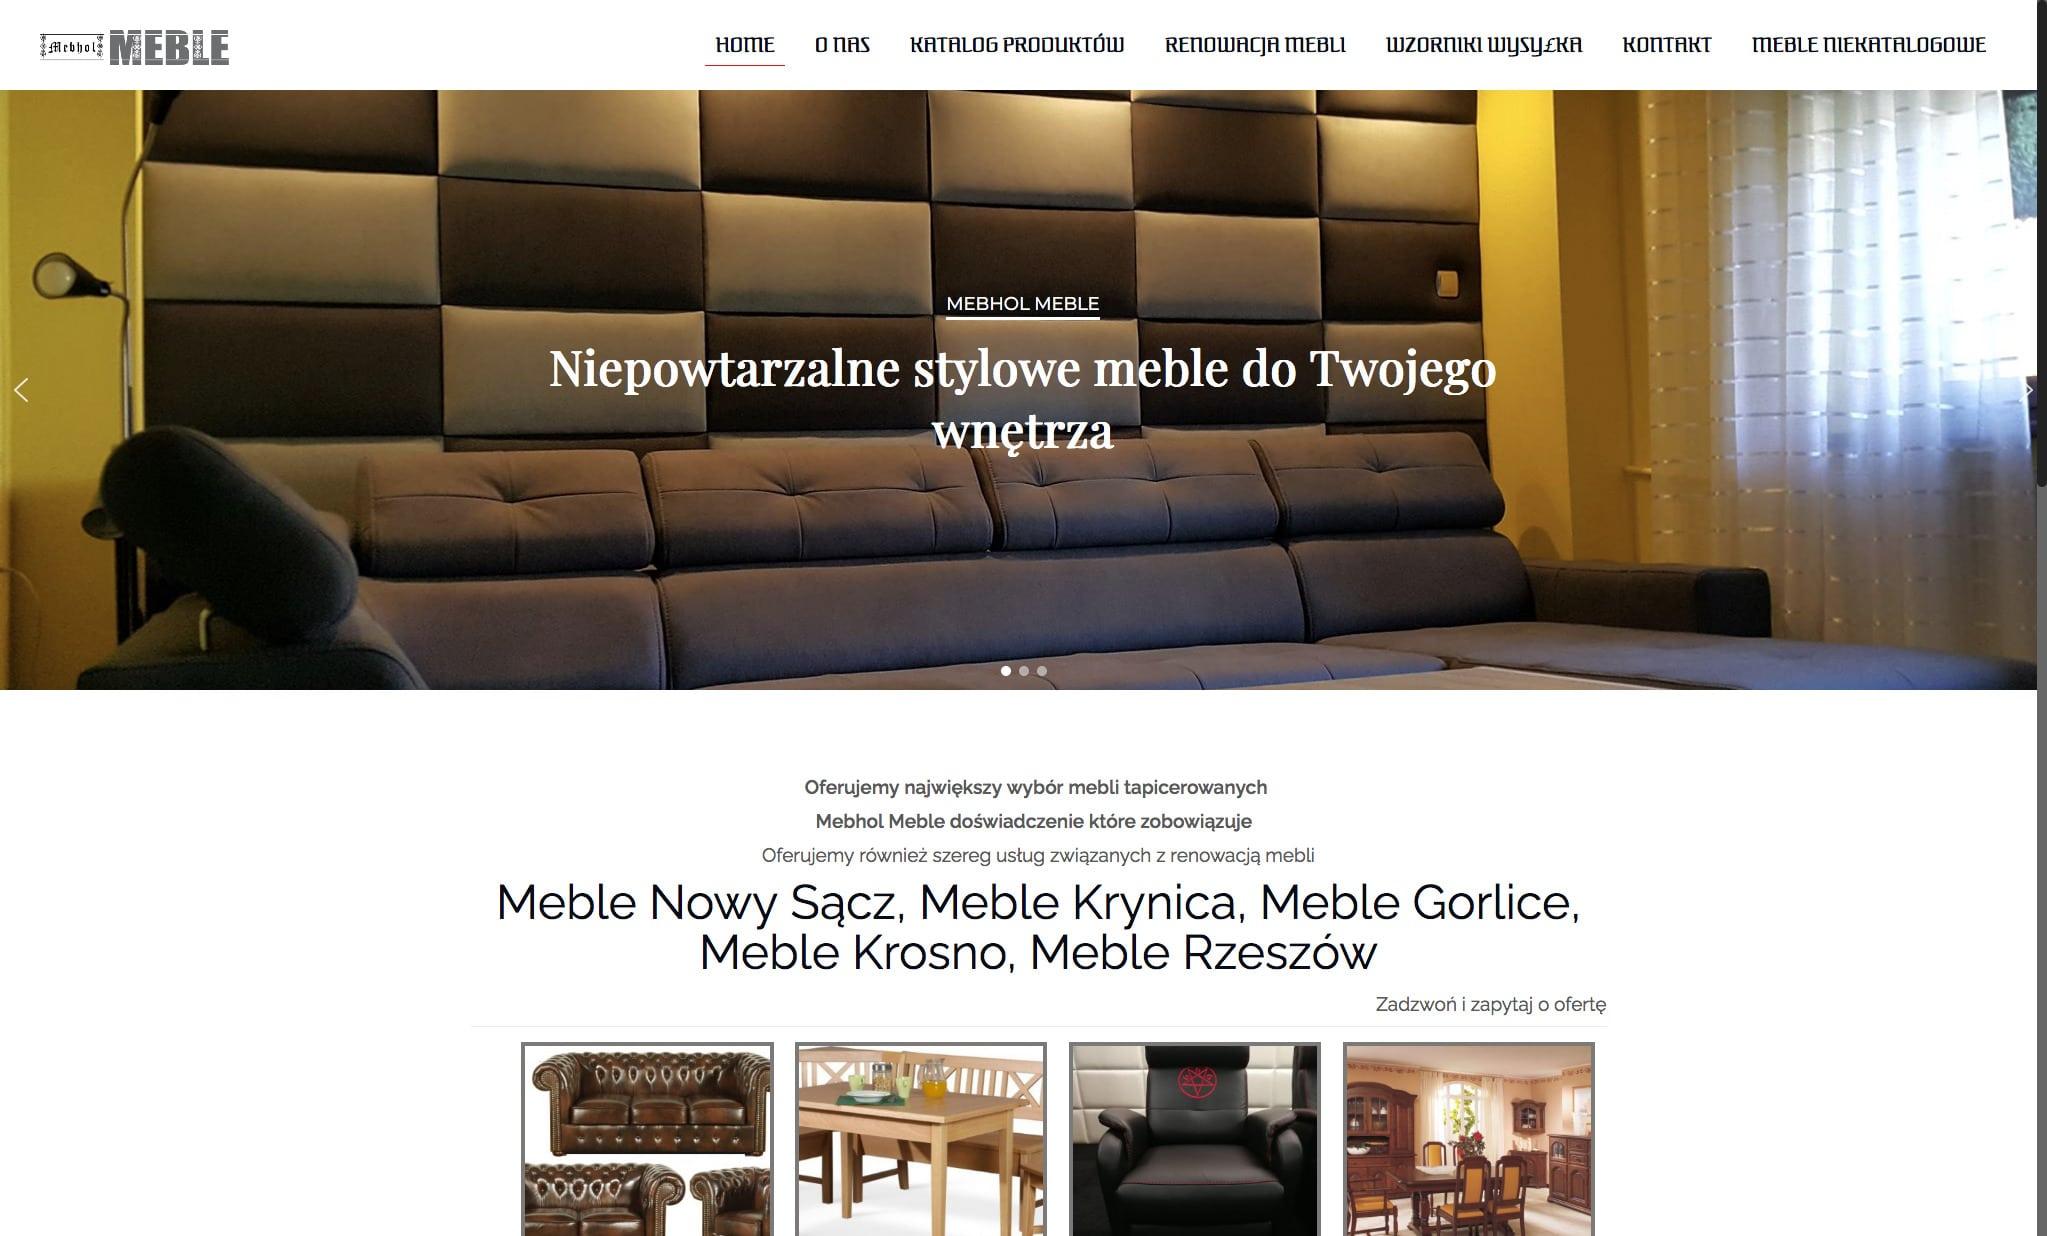 Aplikacja-internetowa-katalog-produktów.jpg